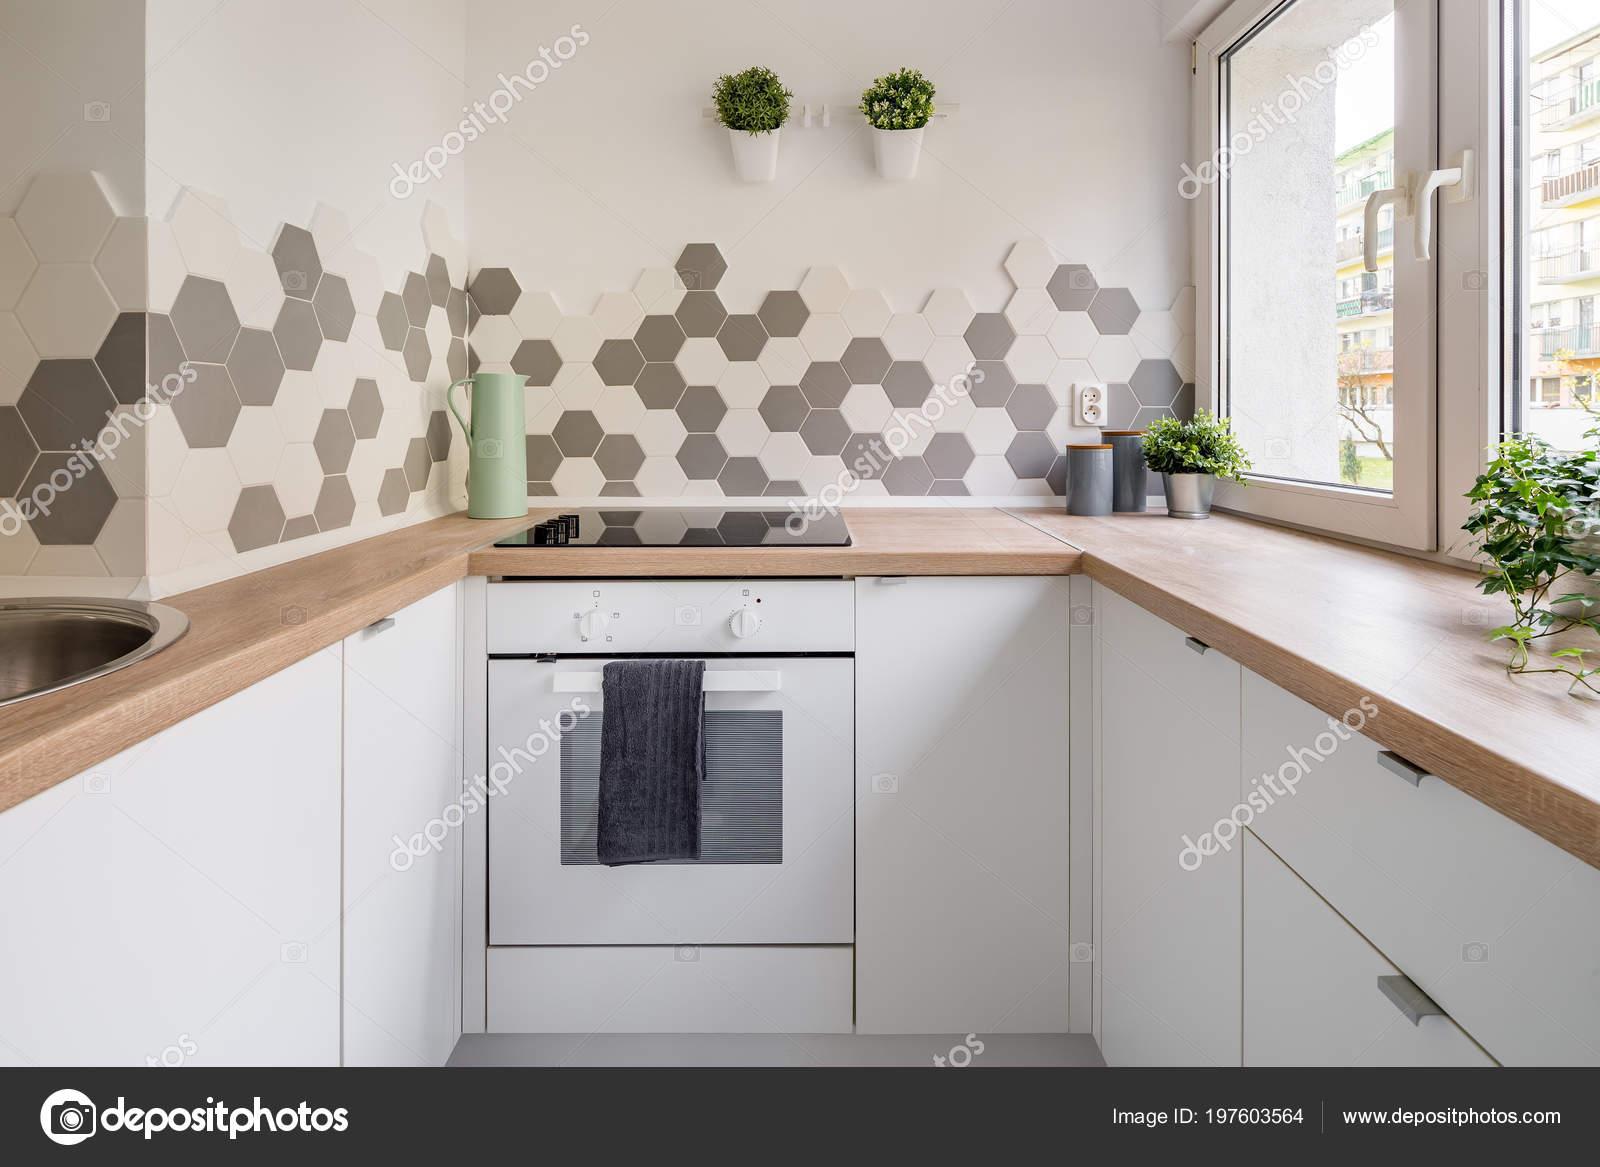 Tegels Keuken Scandinavisch : Keuken scandinavische stijl met witte kasten houten aanrecht